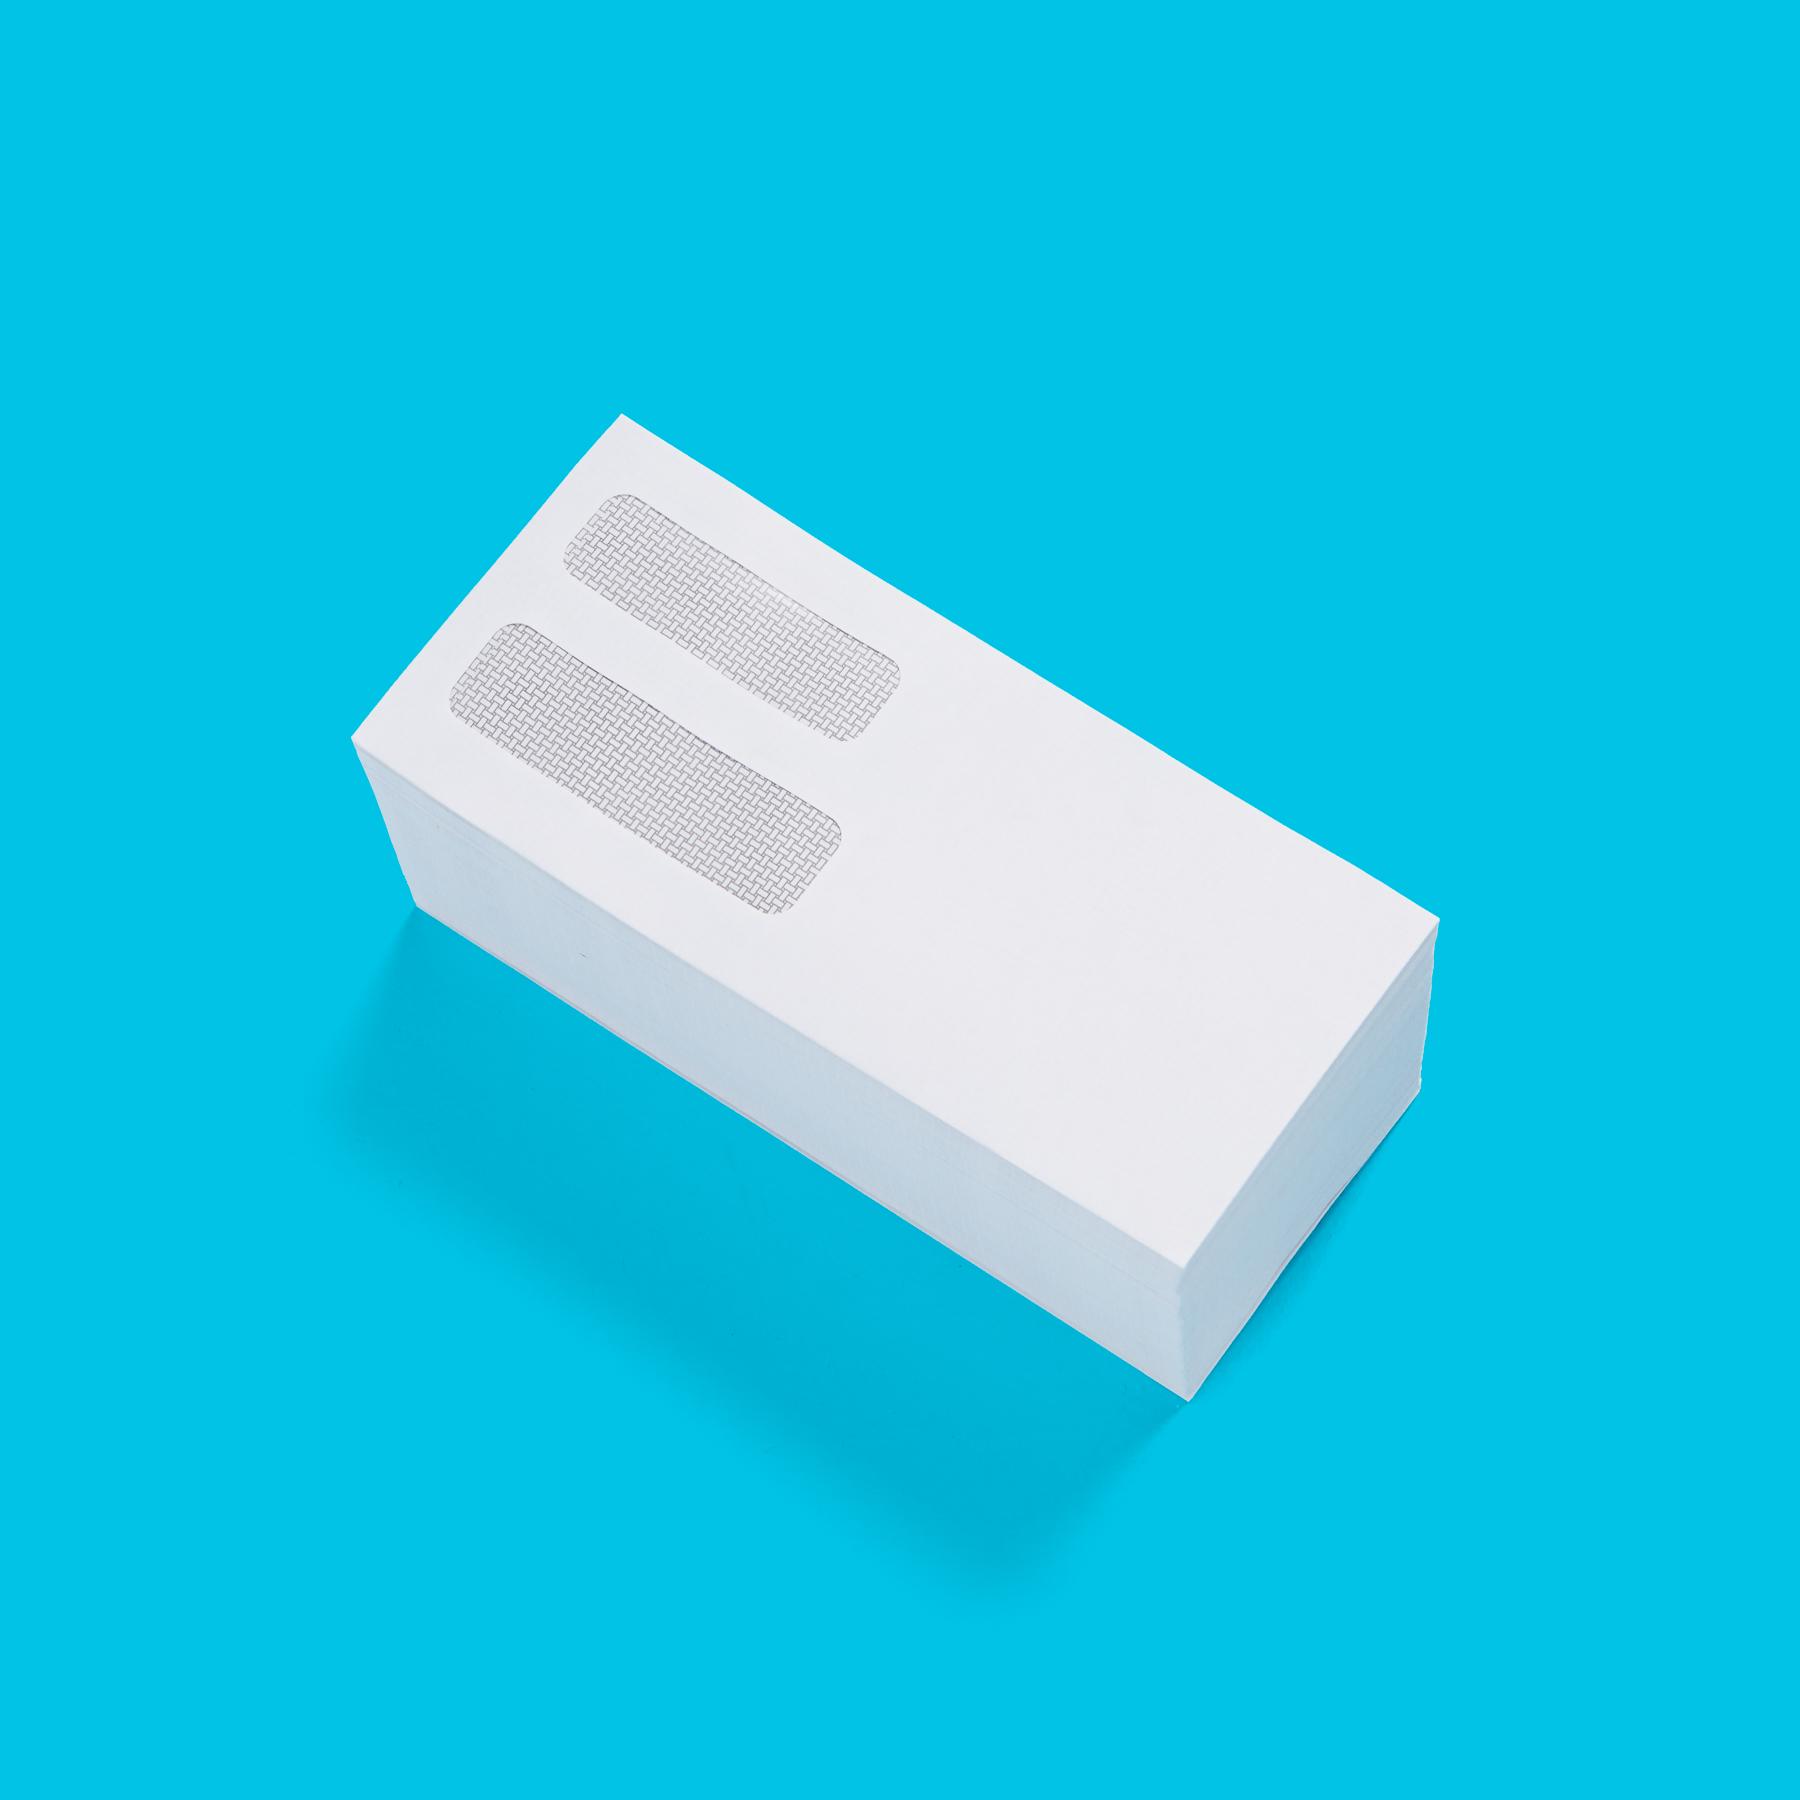 Envelopes_OnBlue.JPG